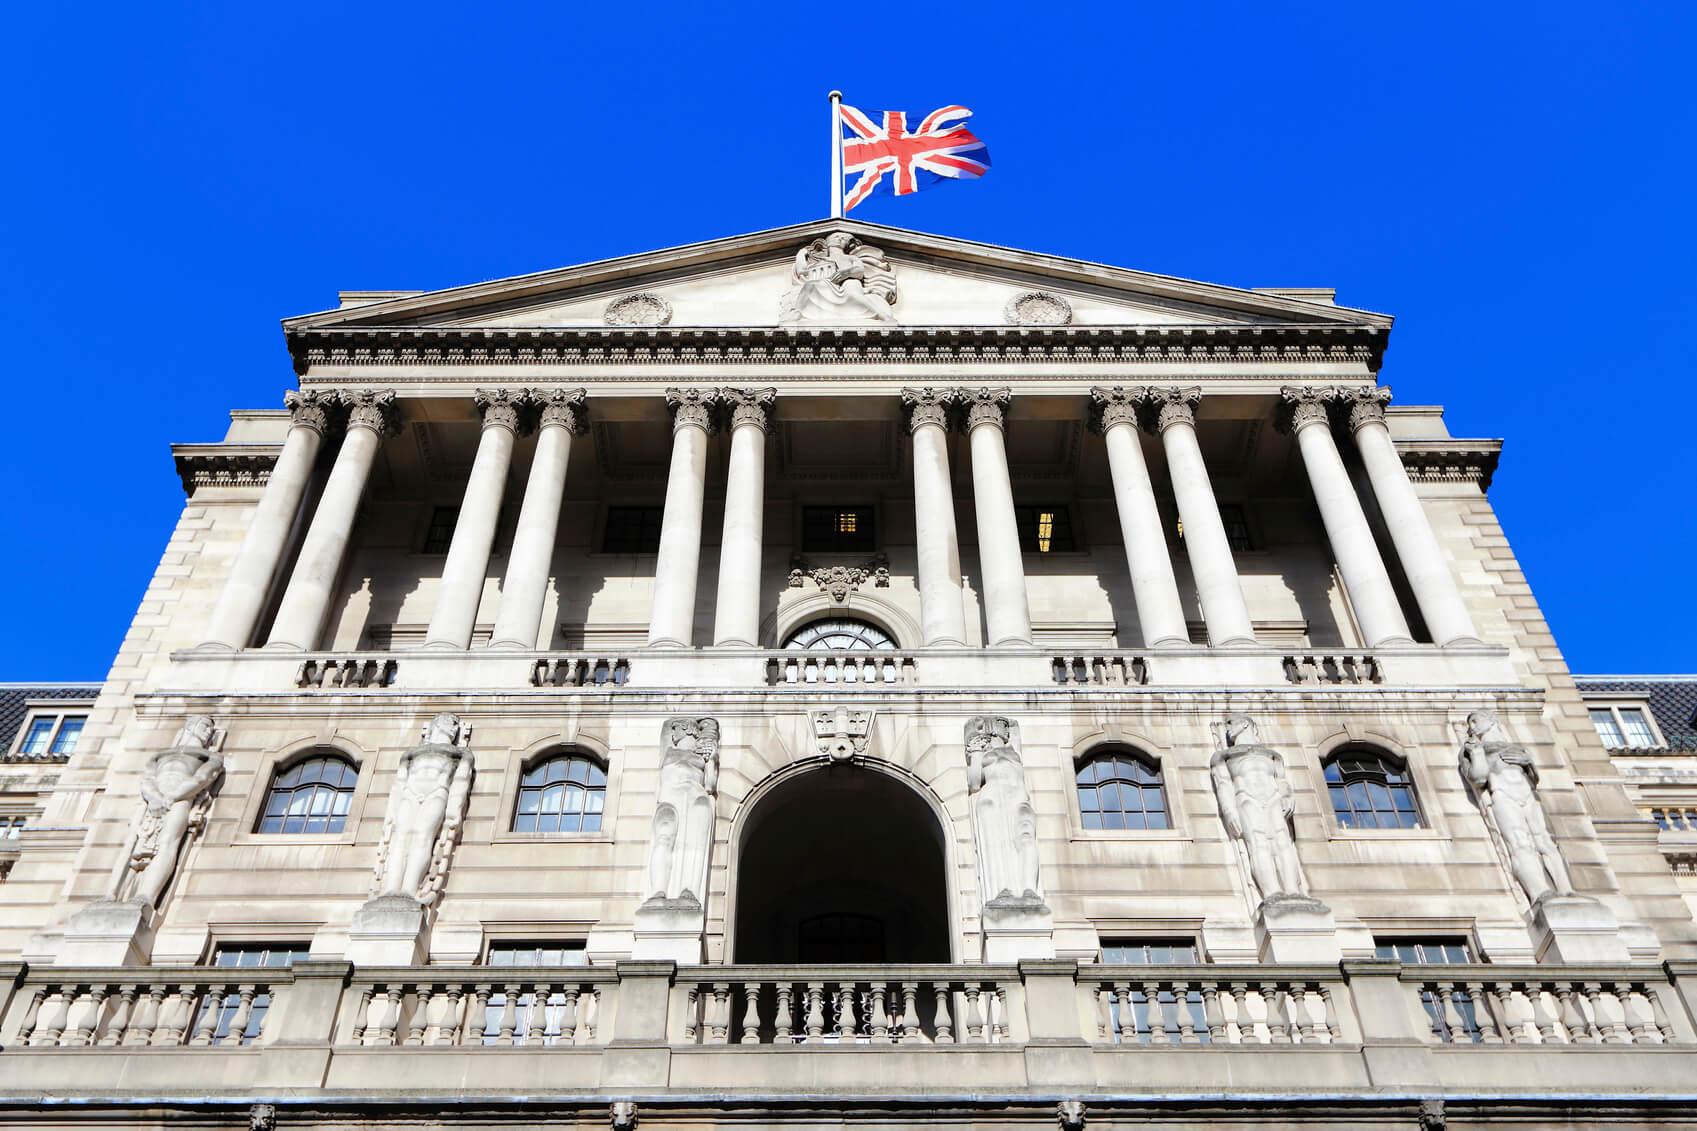 Банк Англии тестирует платежи на технологии распределенного реестра